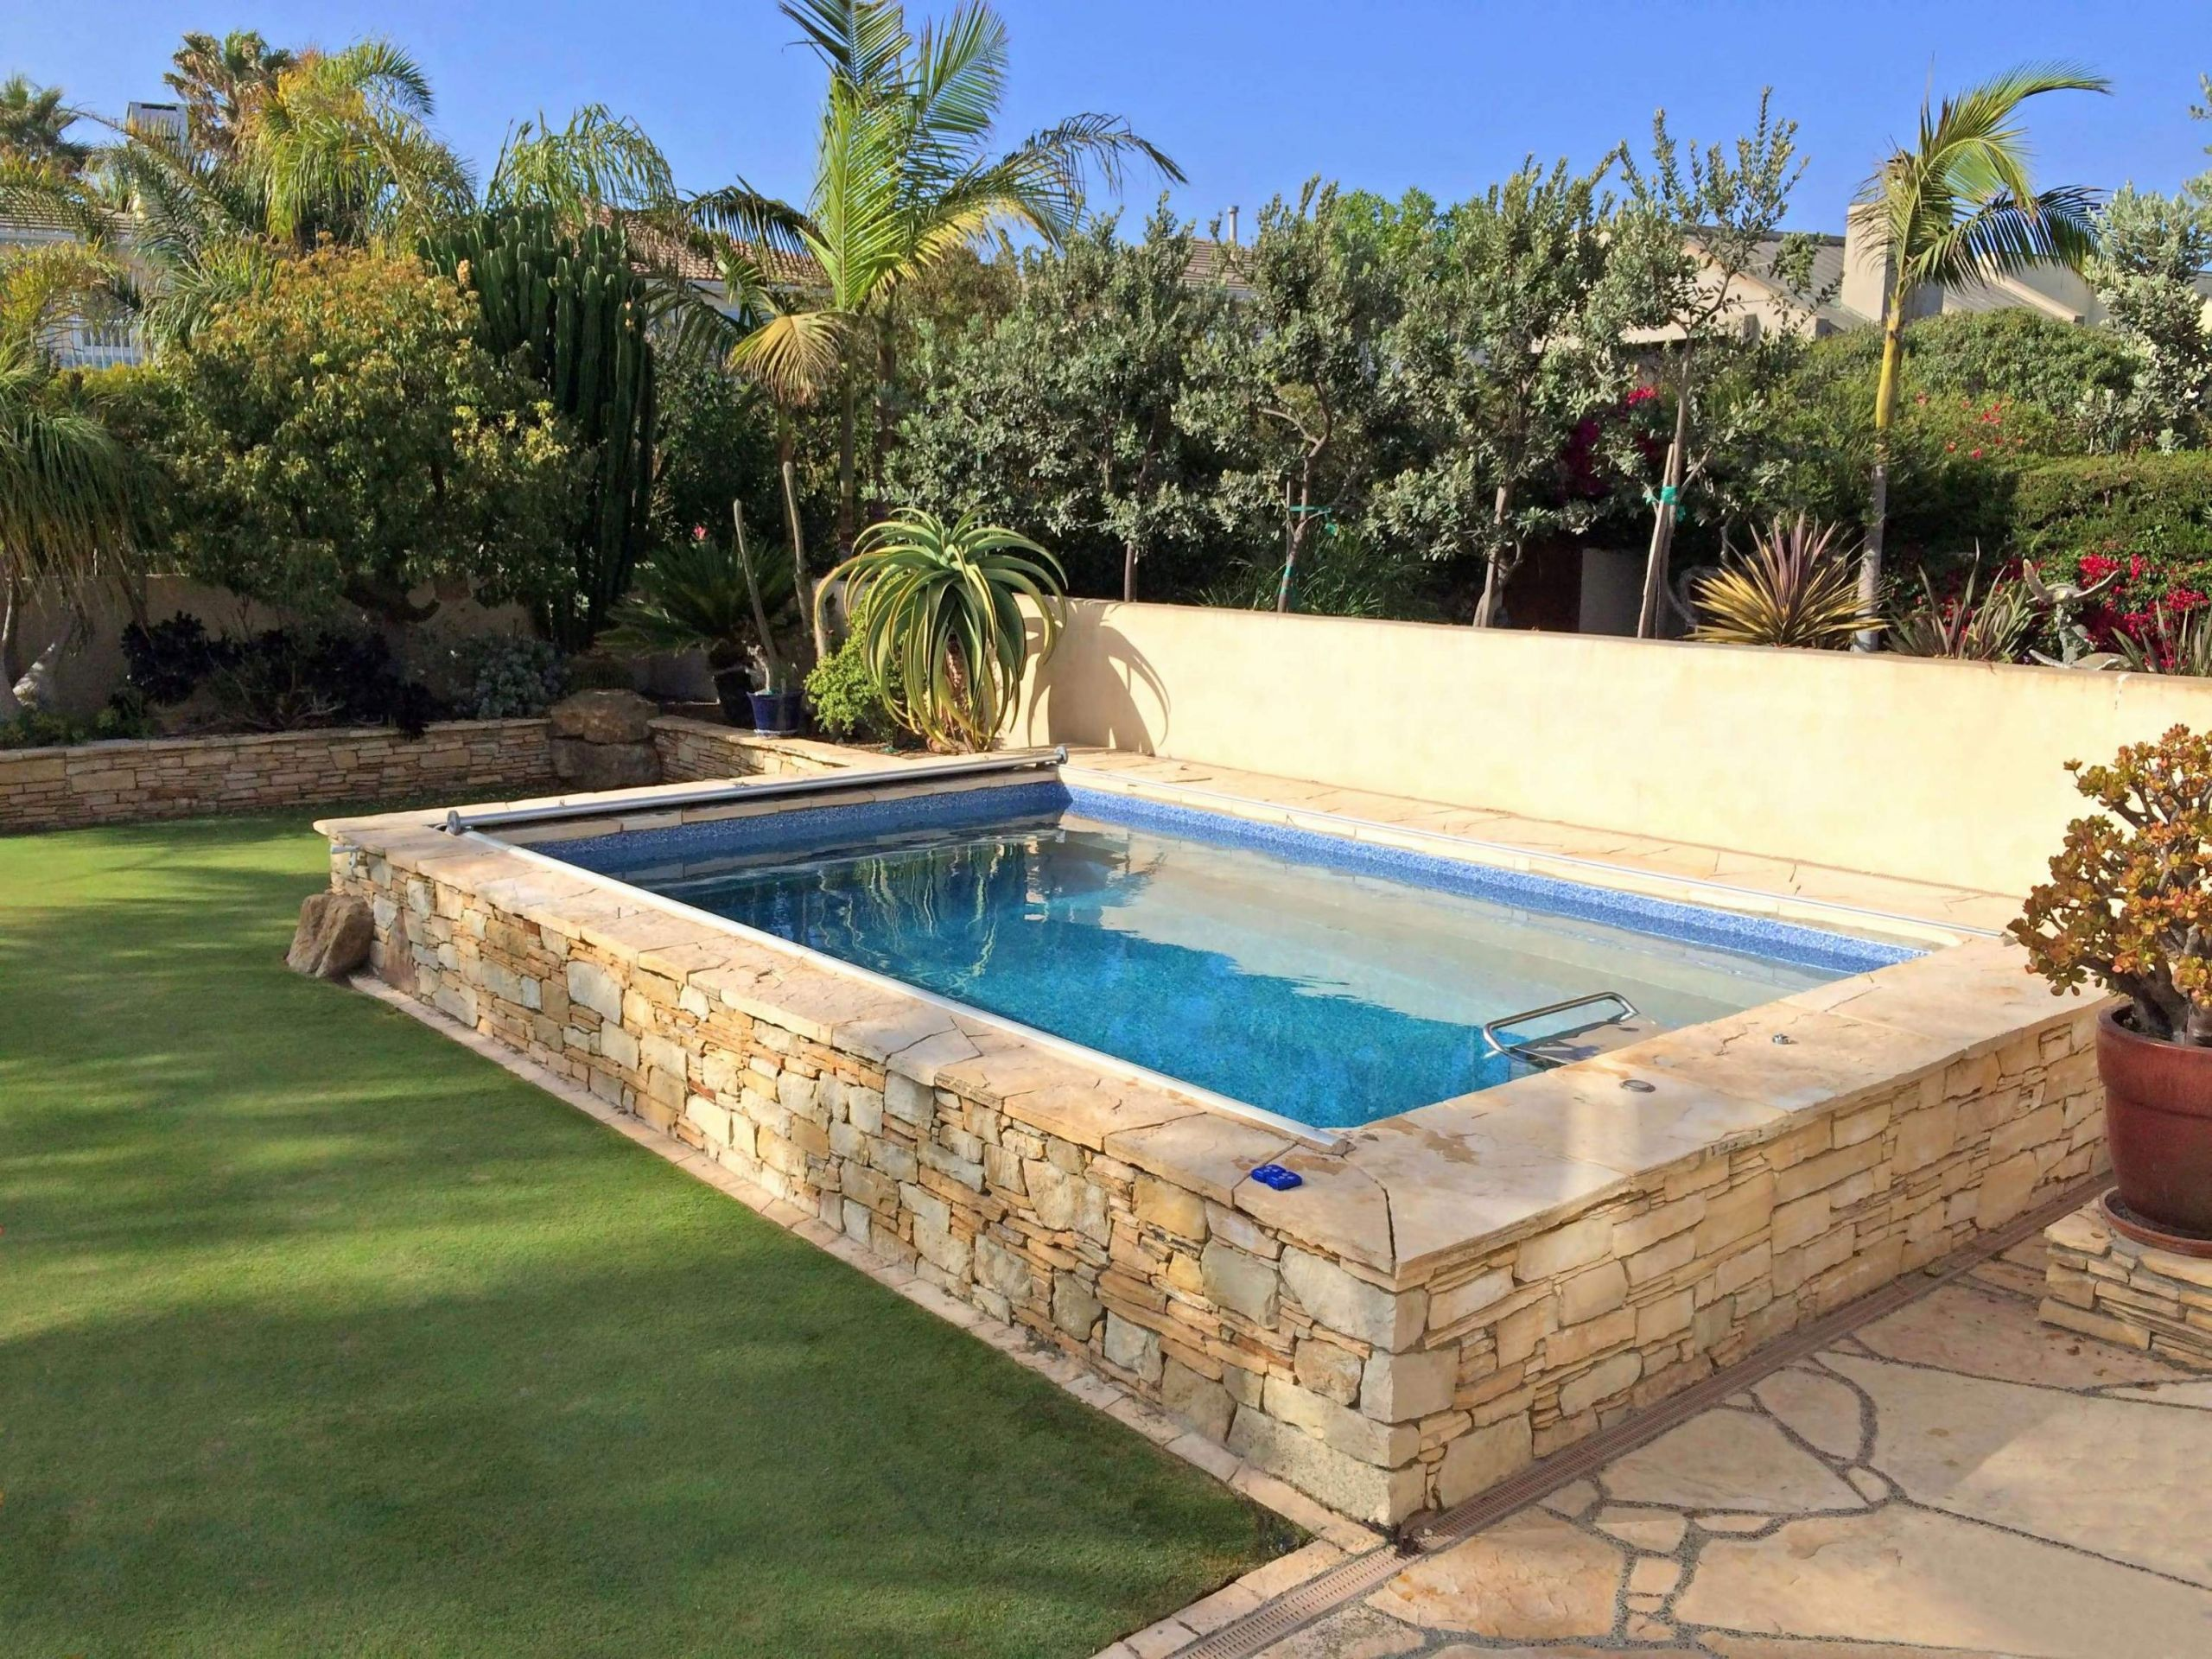 Garten Pool Guenstig Kaufen Neu Pool Kleiner Garten — Temobardz Home Blog